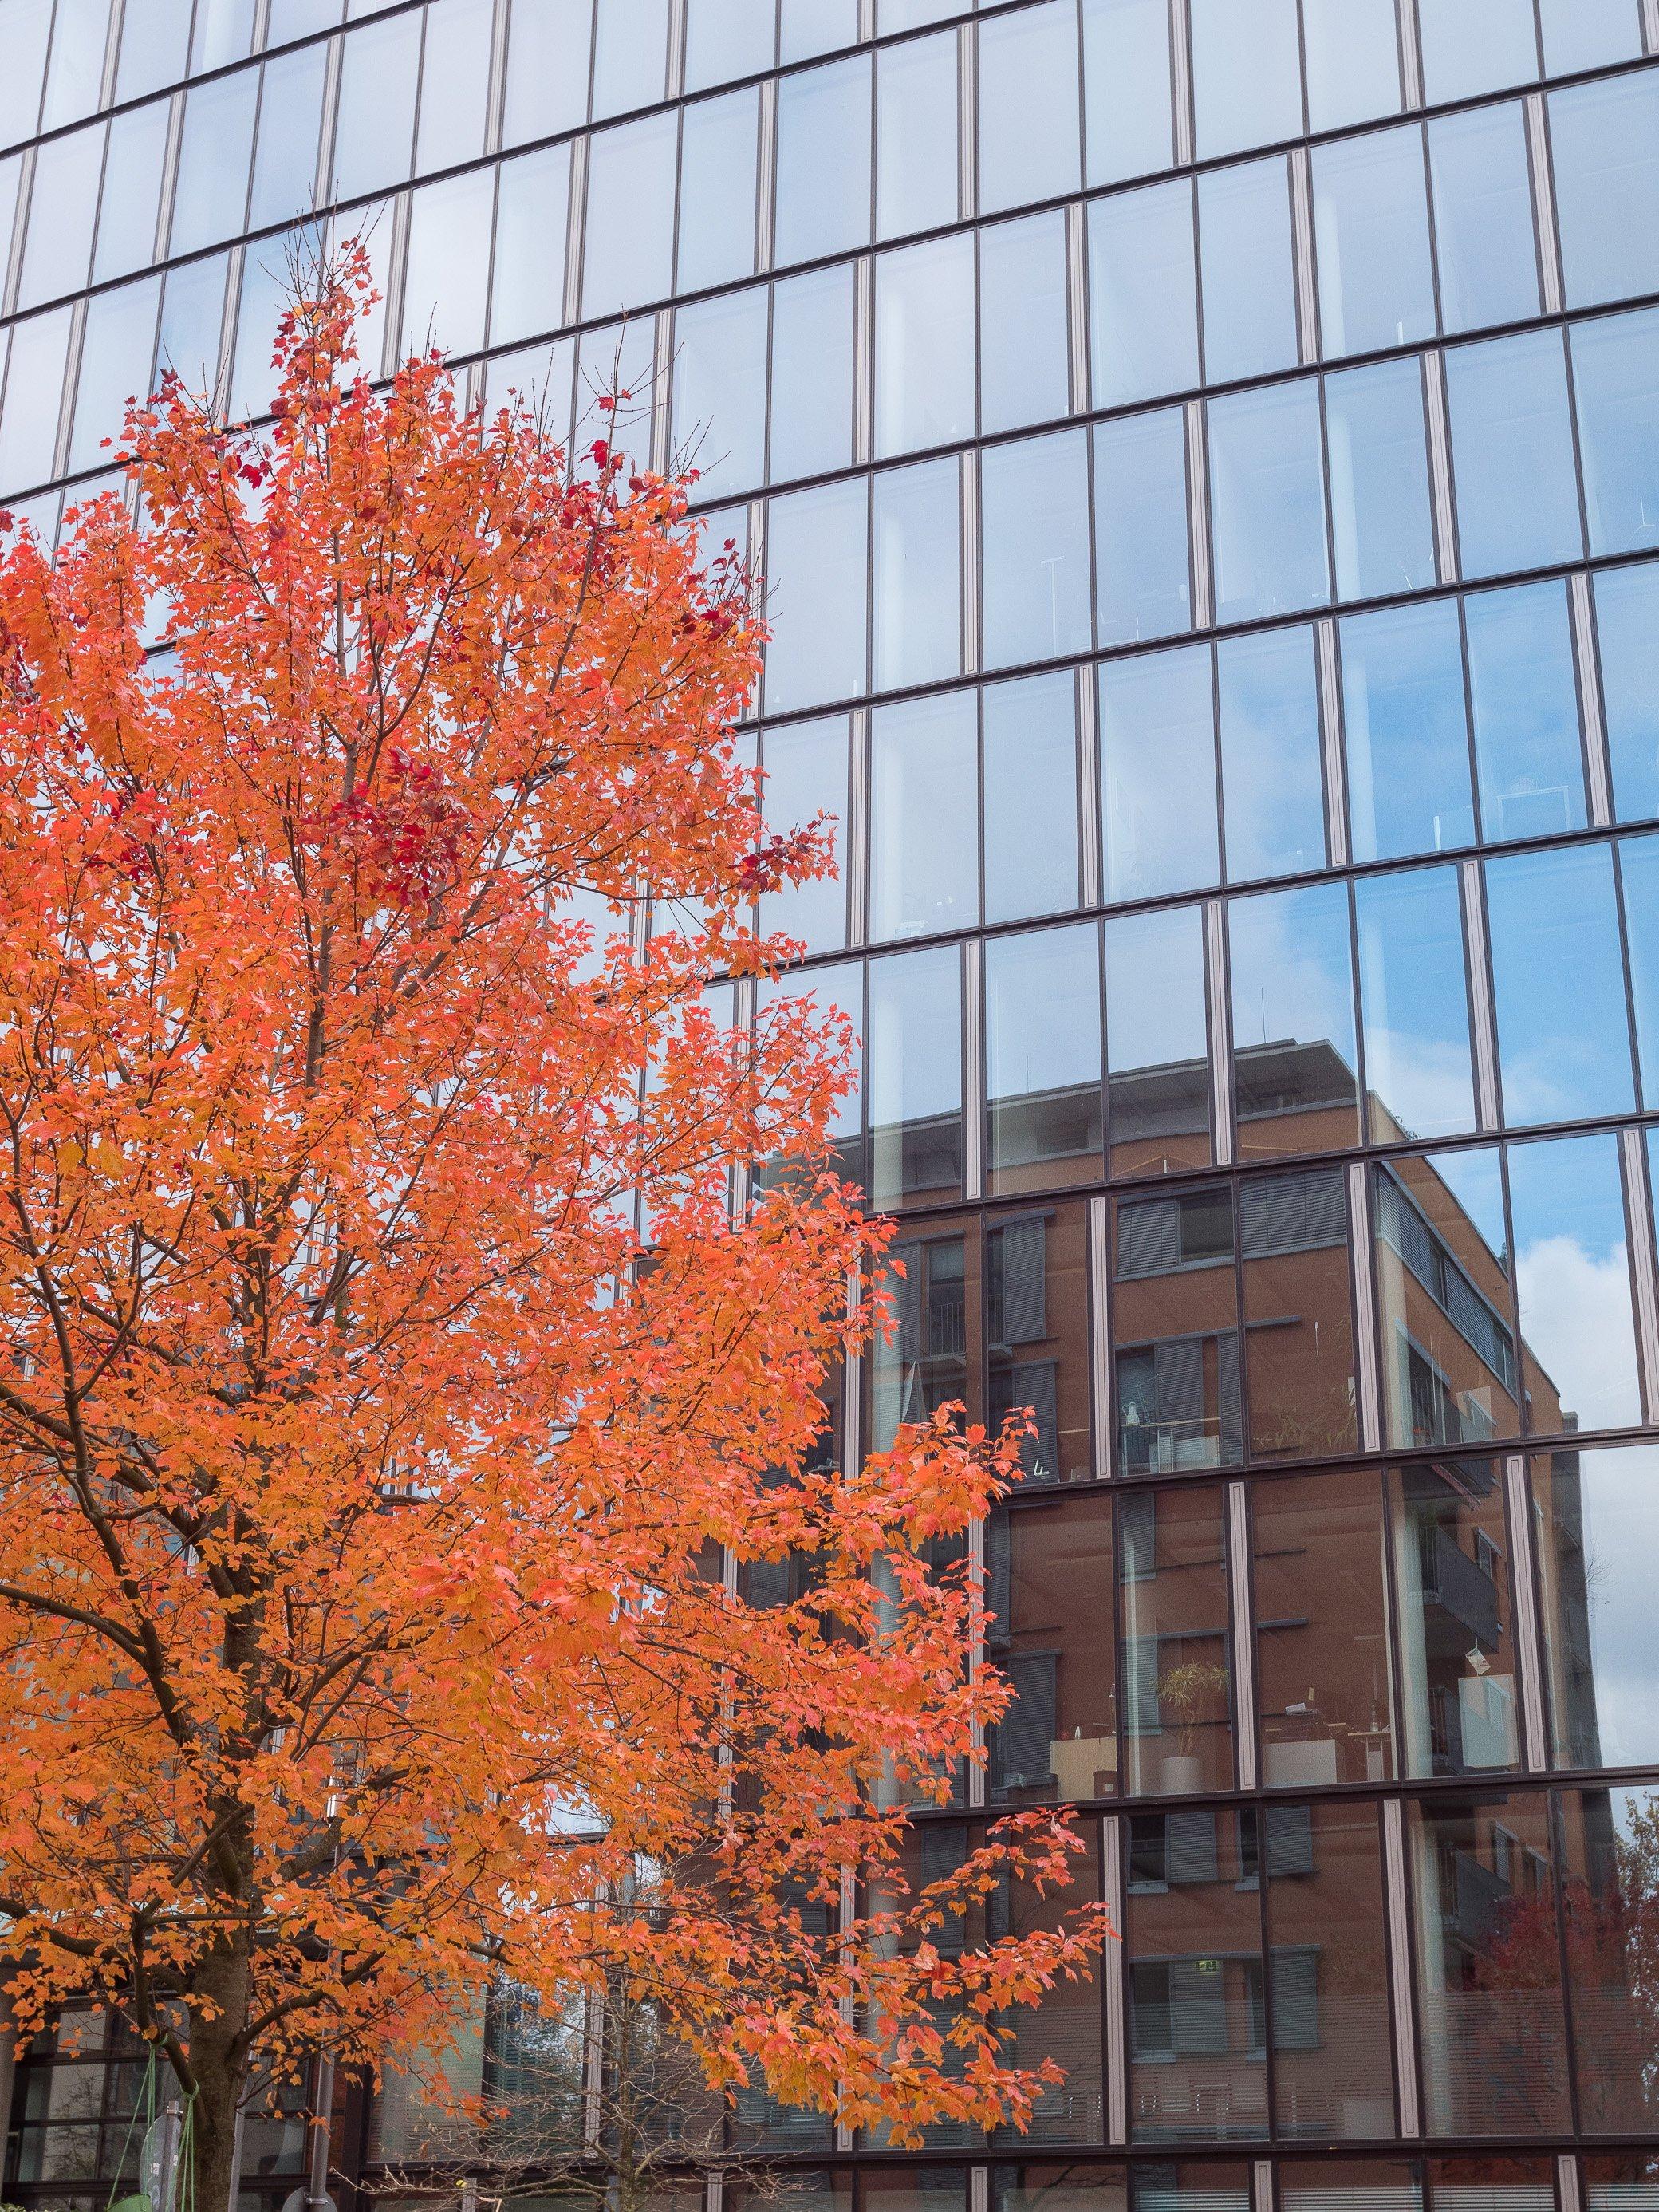 visiter francfort en automne